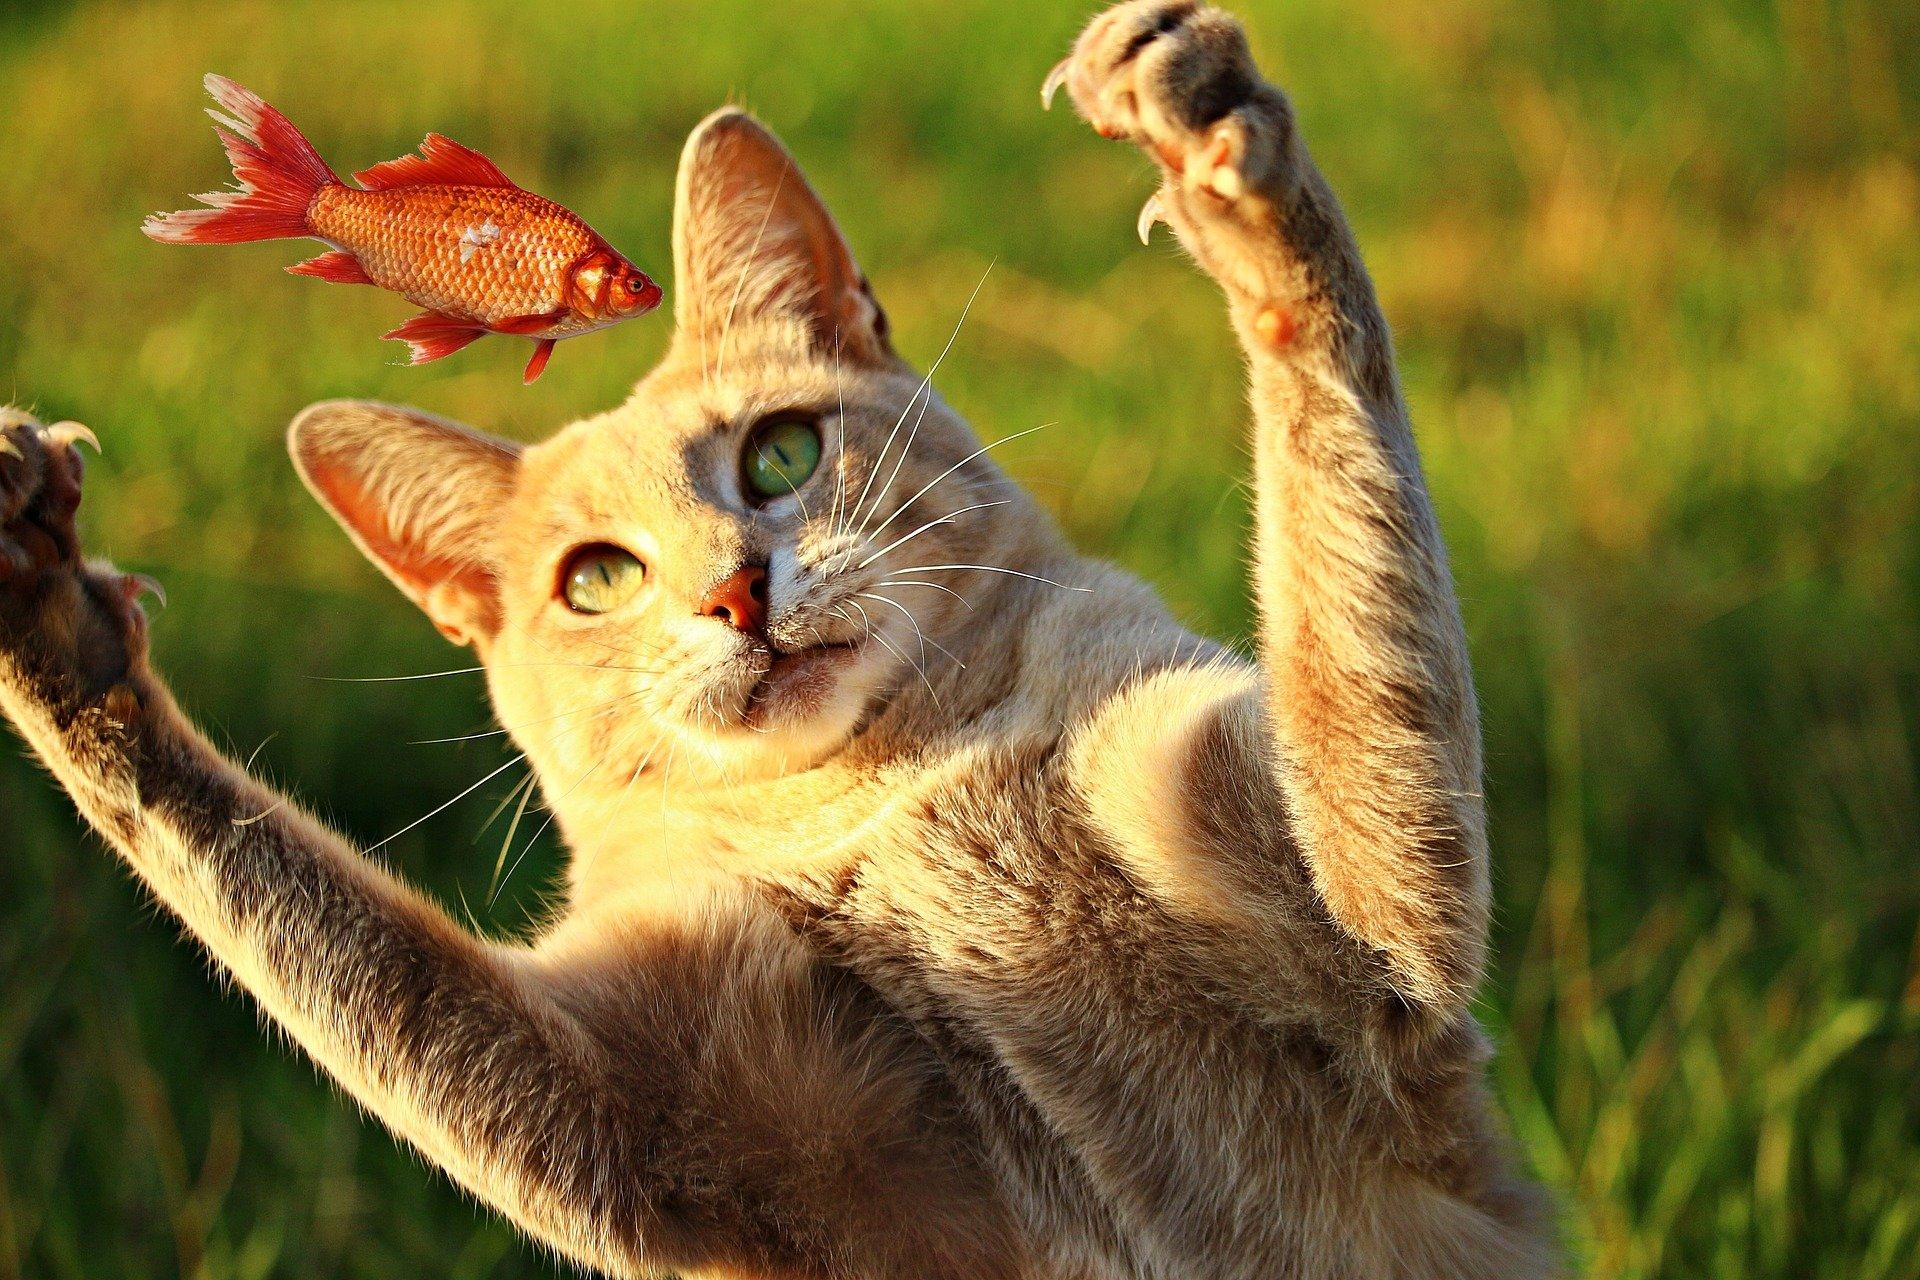 cat 2603026 1920 2 1024x683 - 고양이가 집사를 칭찬하고 싶을 때 보내는 '시그널' 8가지